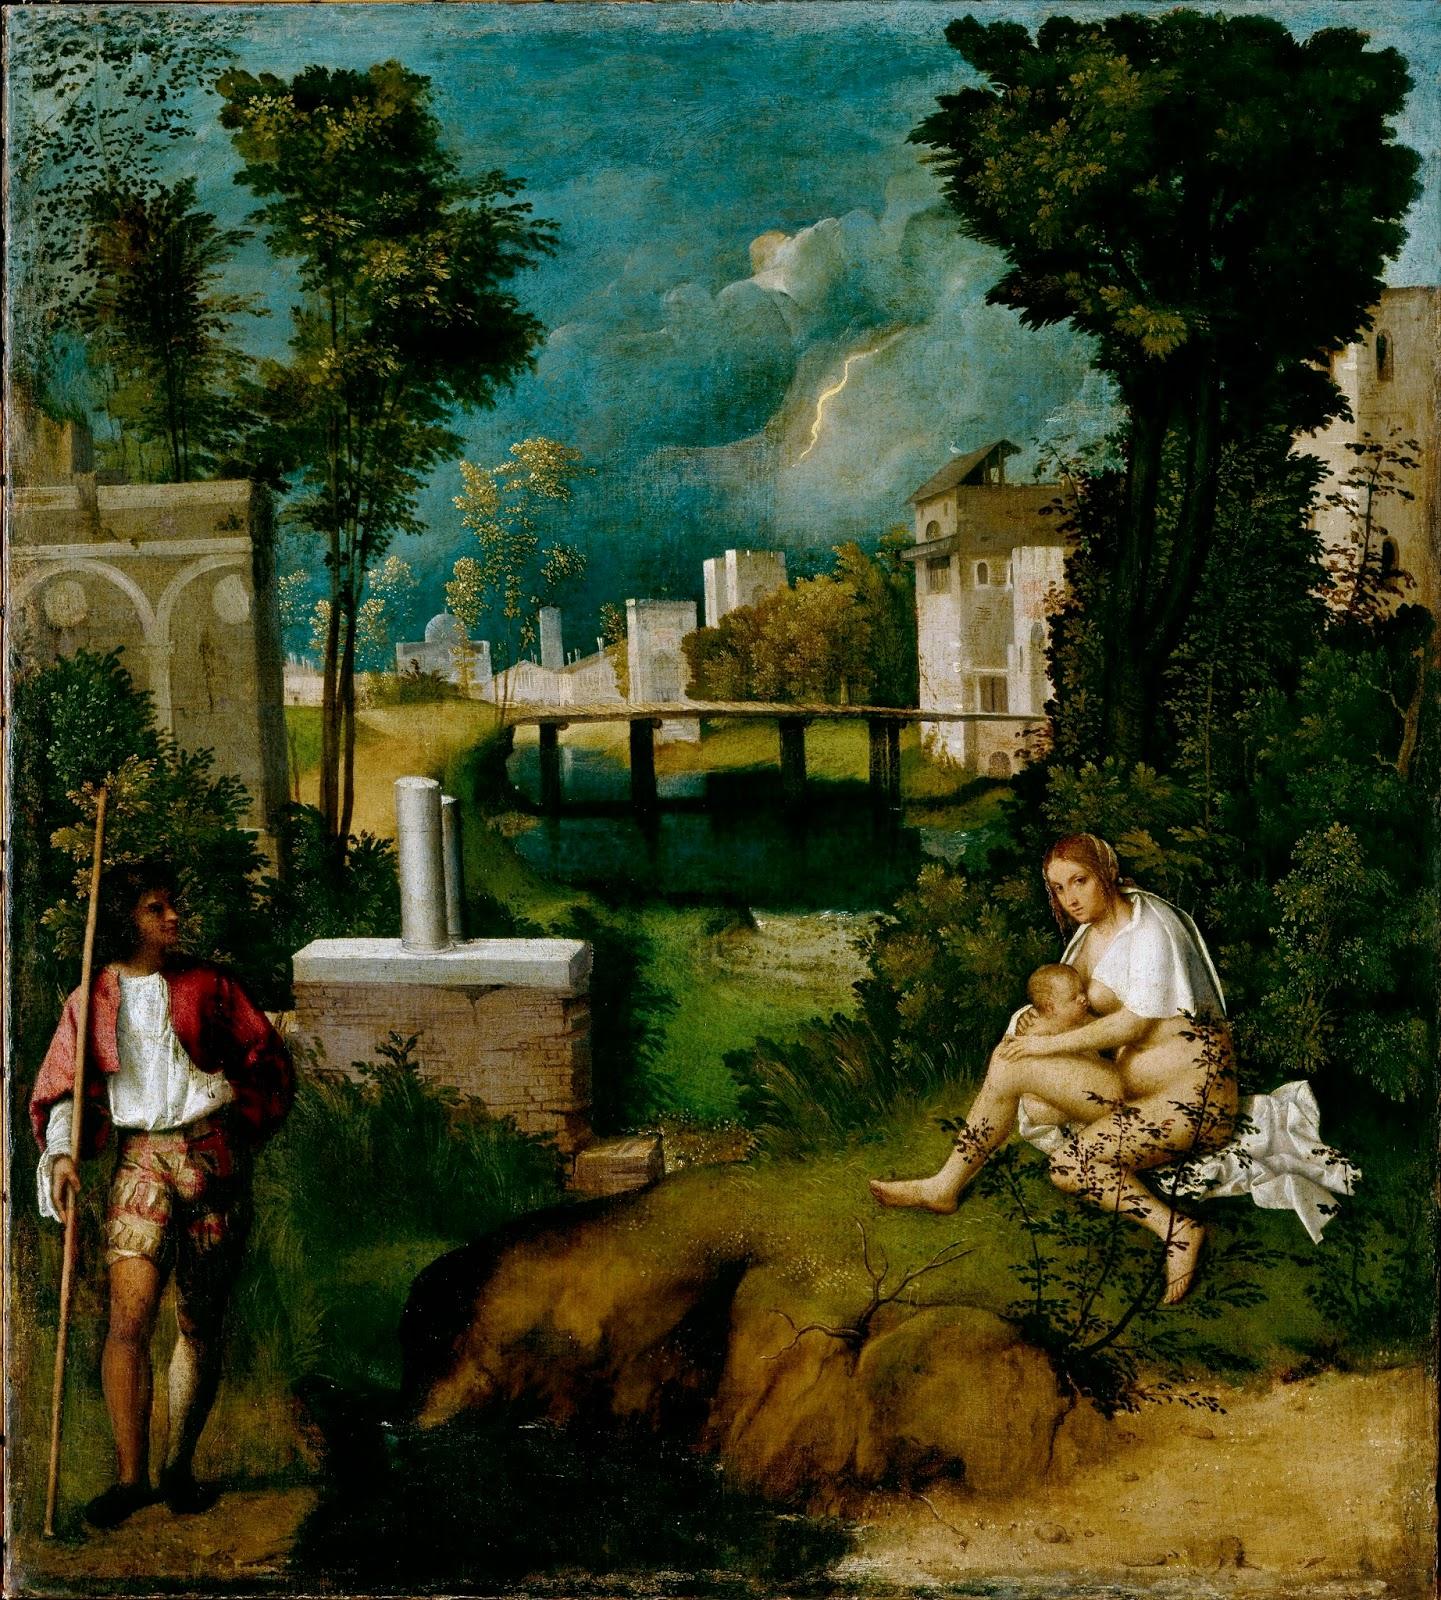 Giorgione, La tempesta, Gallerie dell'Accademia, Venezia